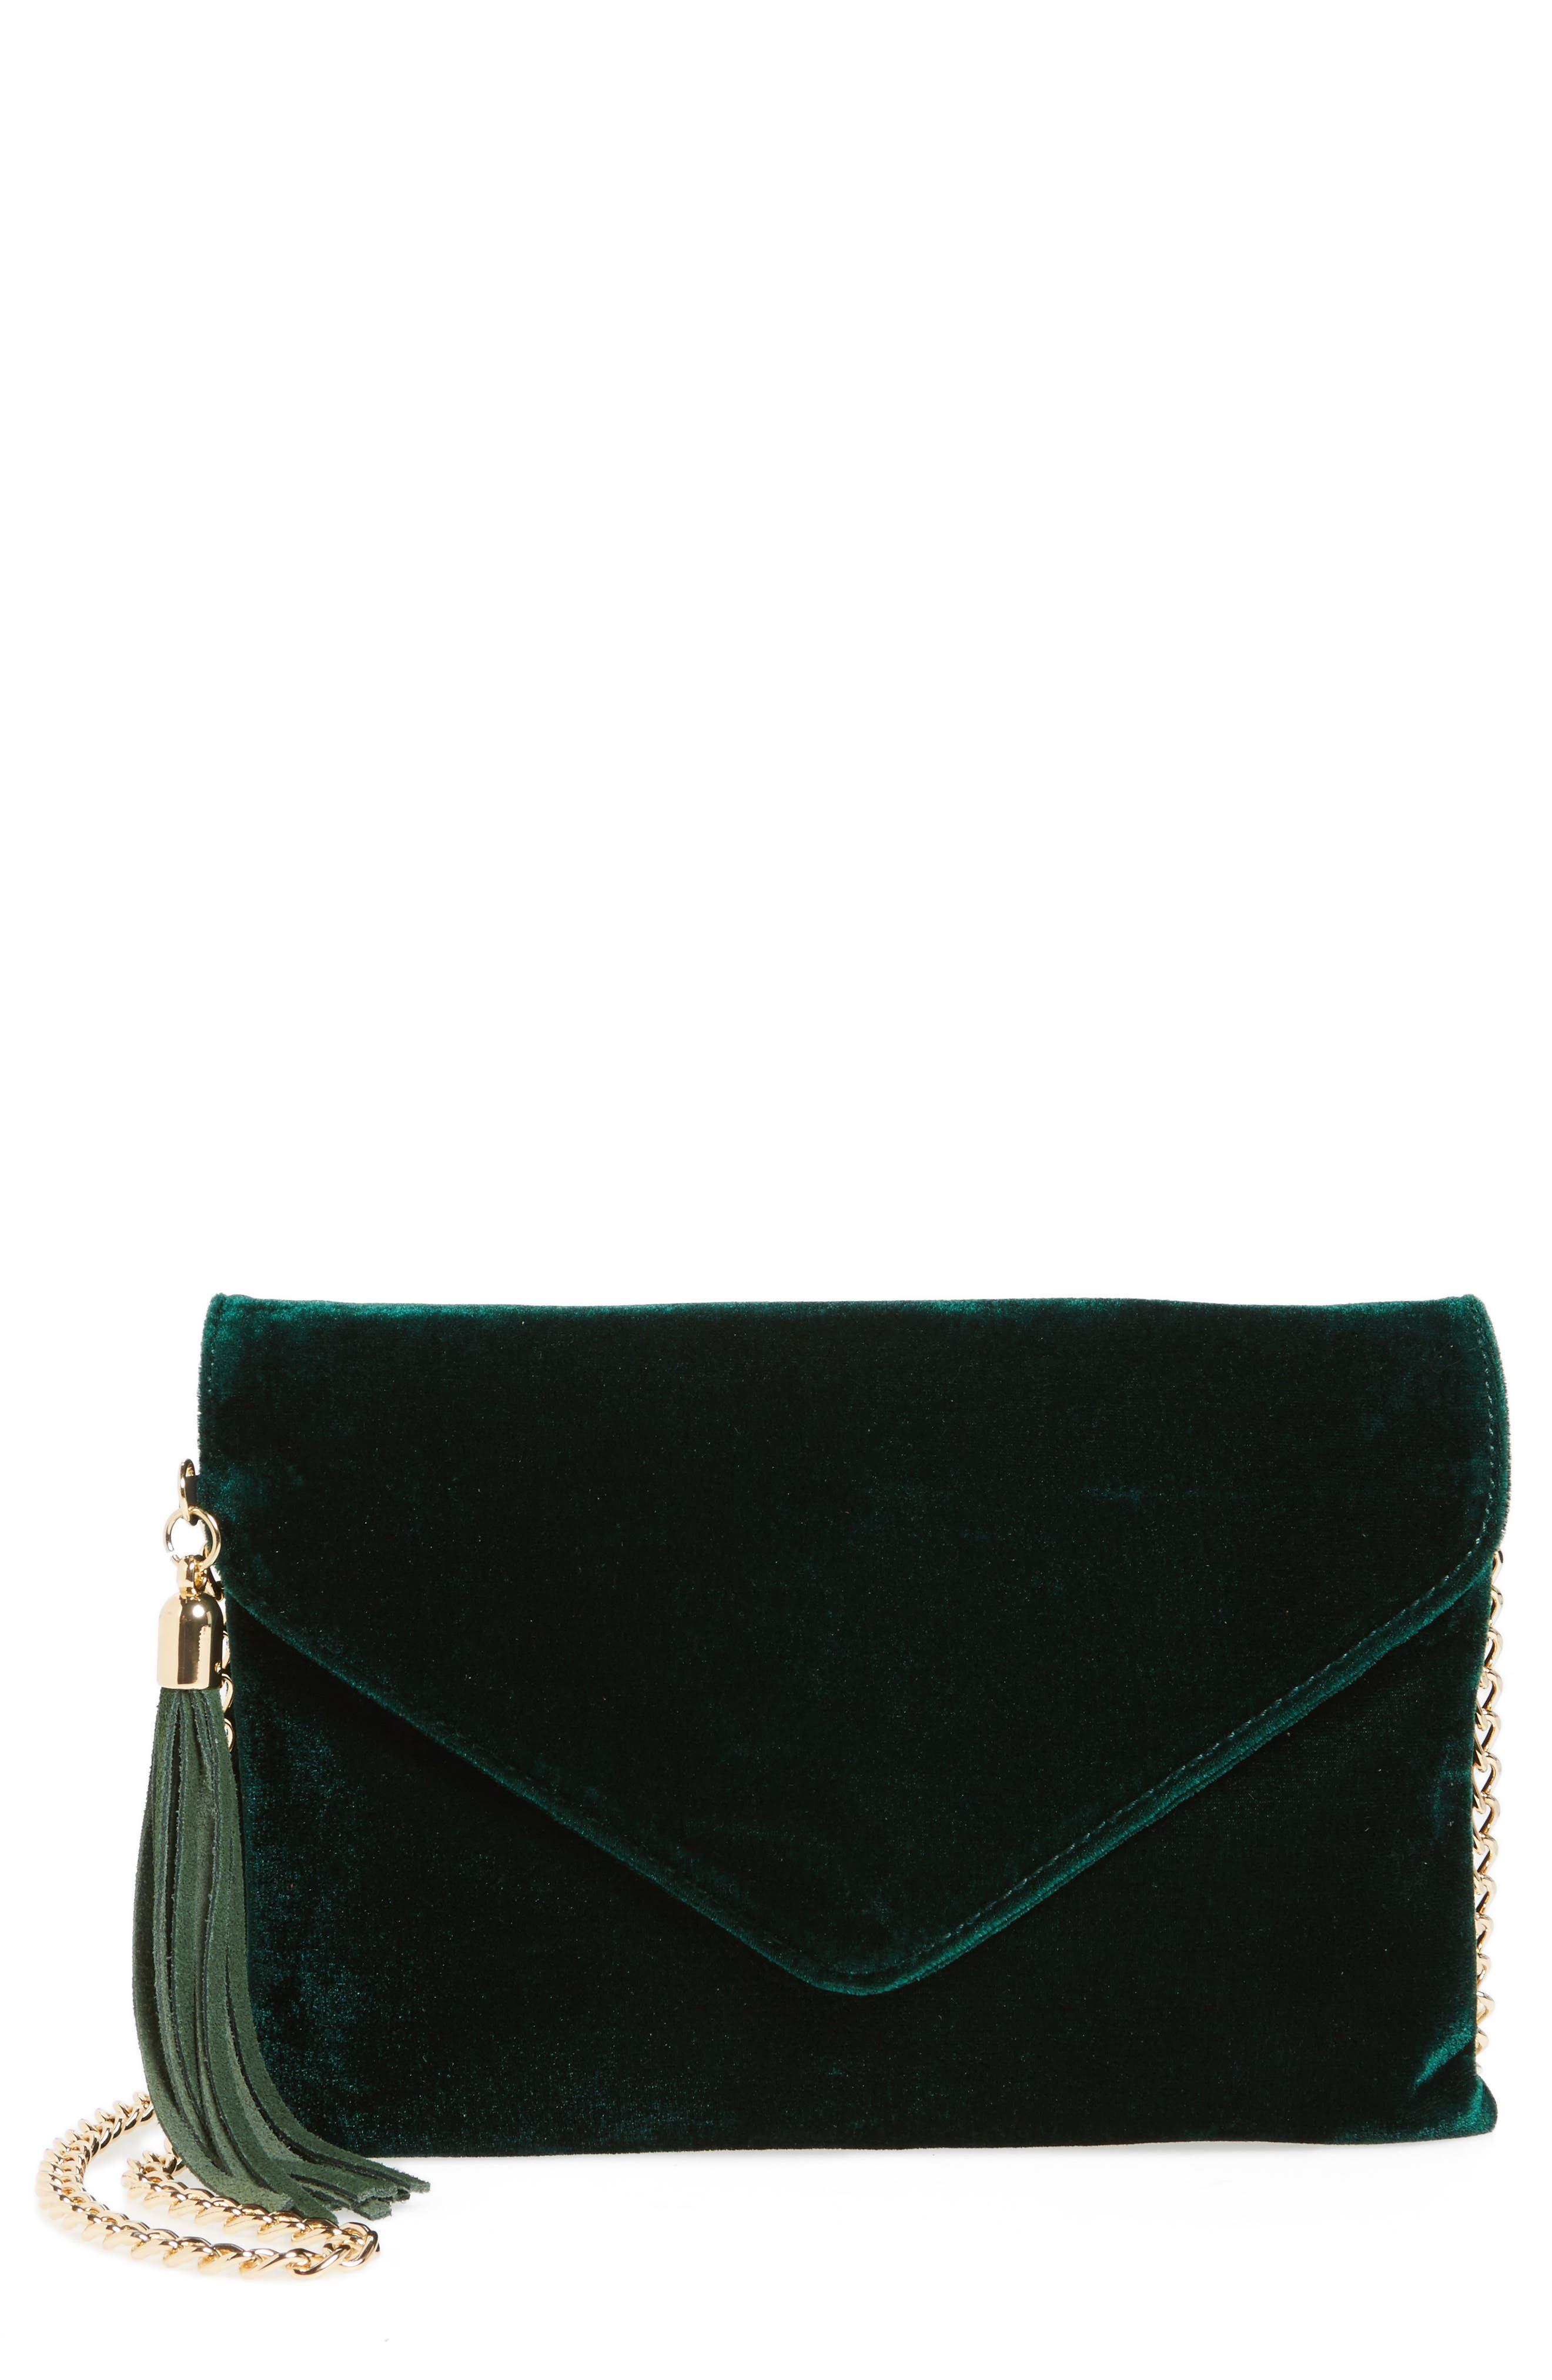 Alternate Image 1 Selected - BP. Tassel Velvet Crossbody Bag